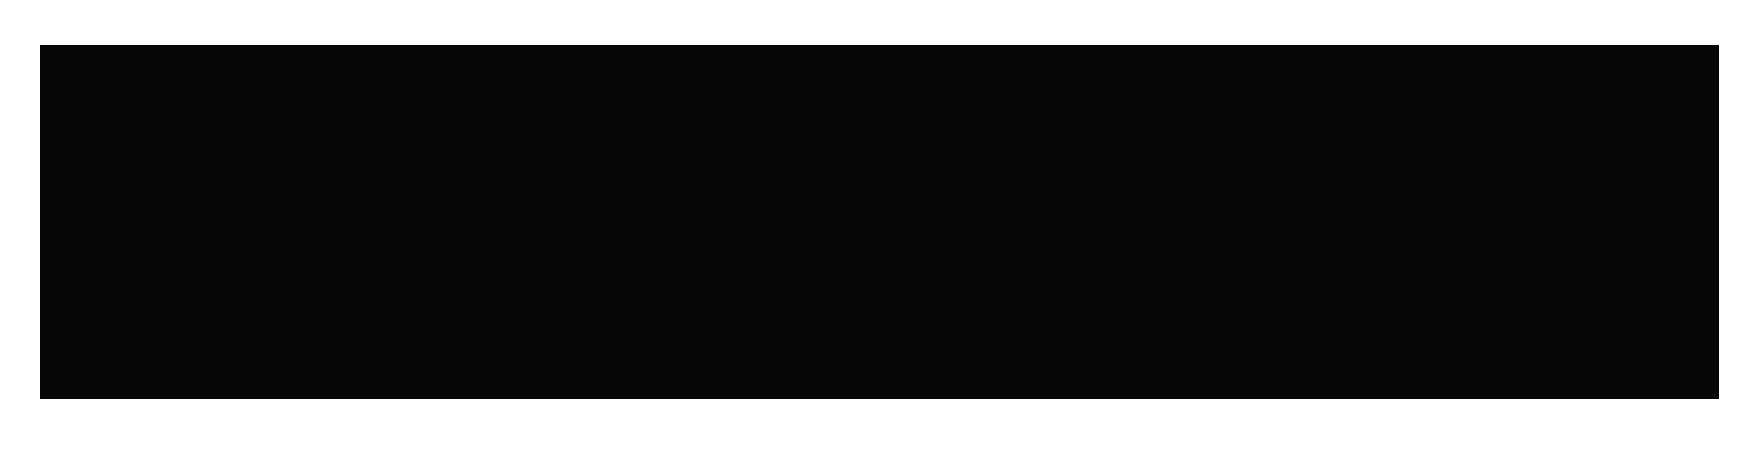 logo Le Fresnoy, Studio national des arts contemporains